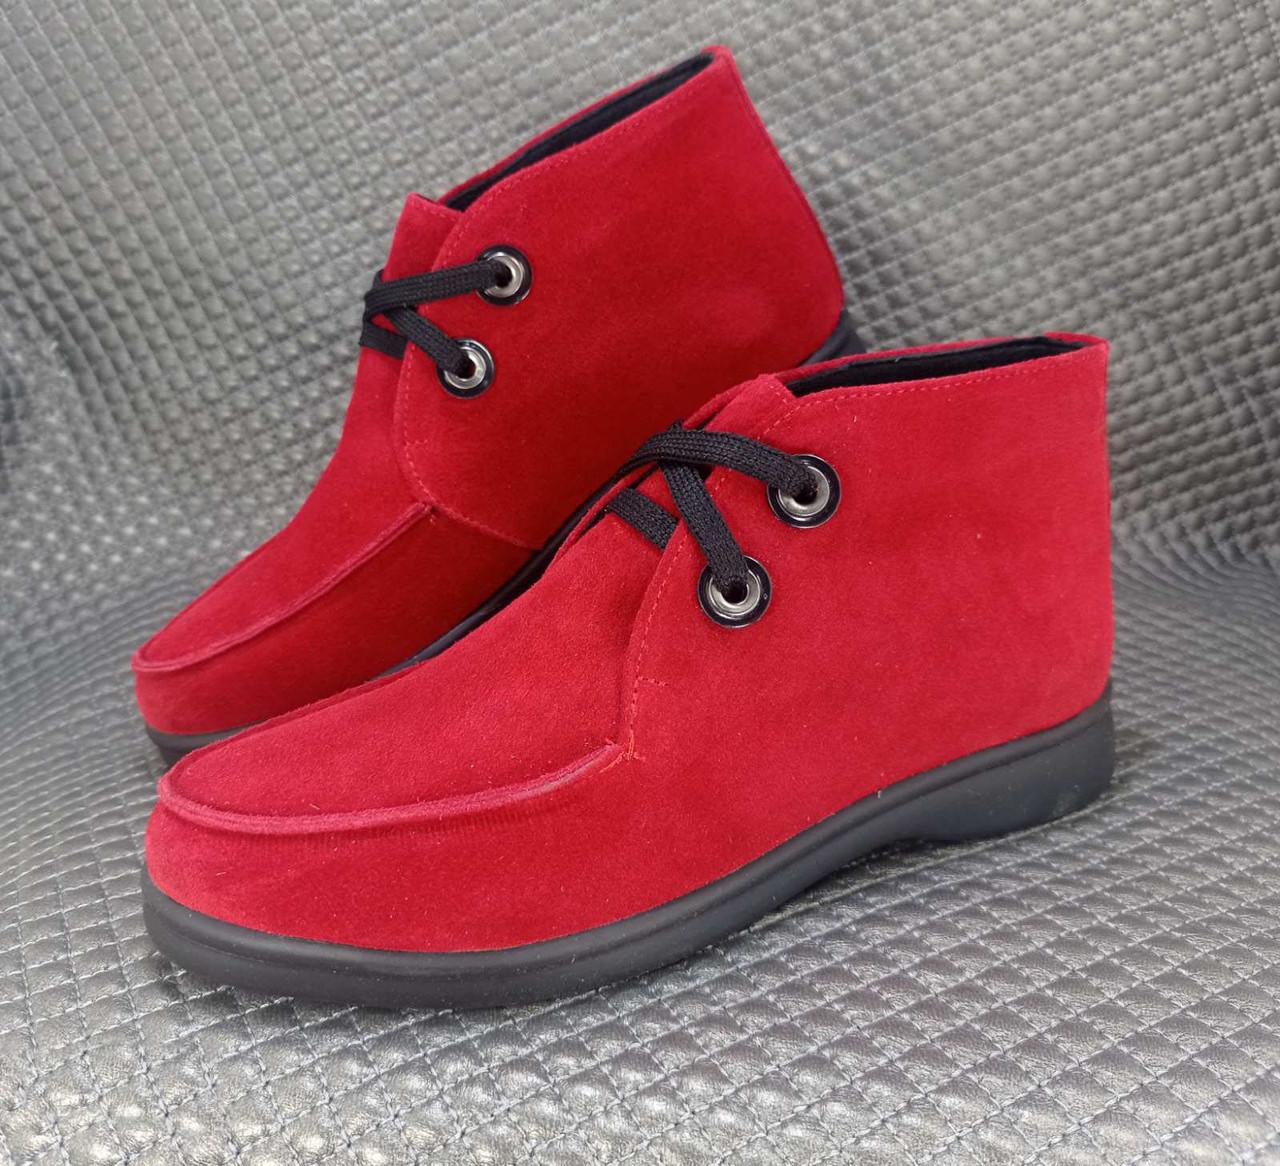 Жіночі замшеві червоні короткі лофери